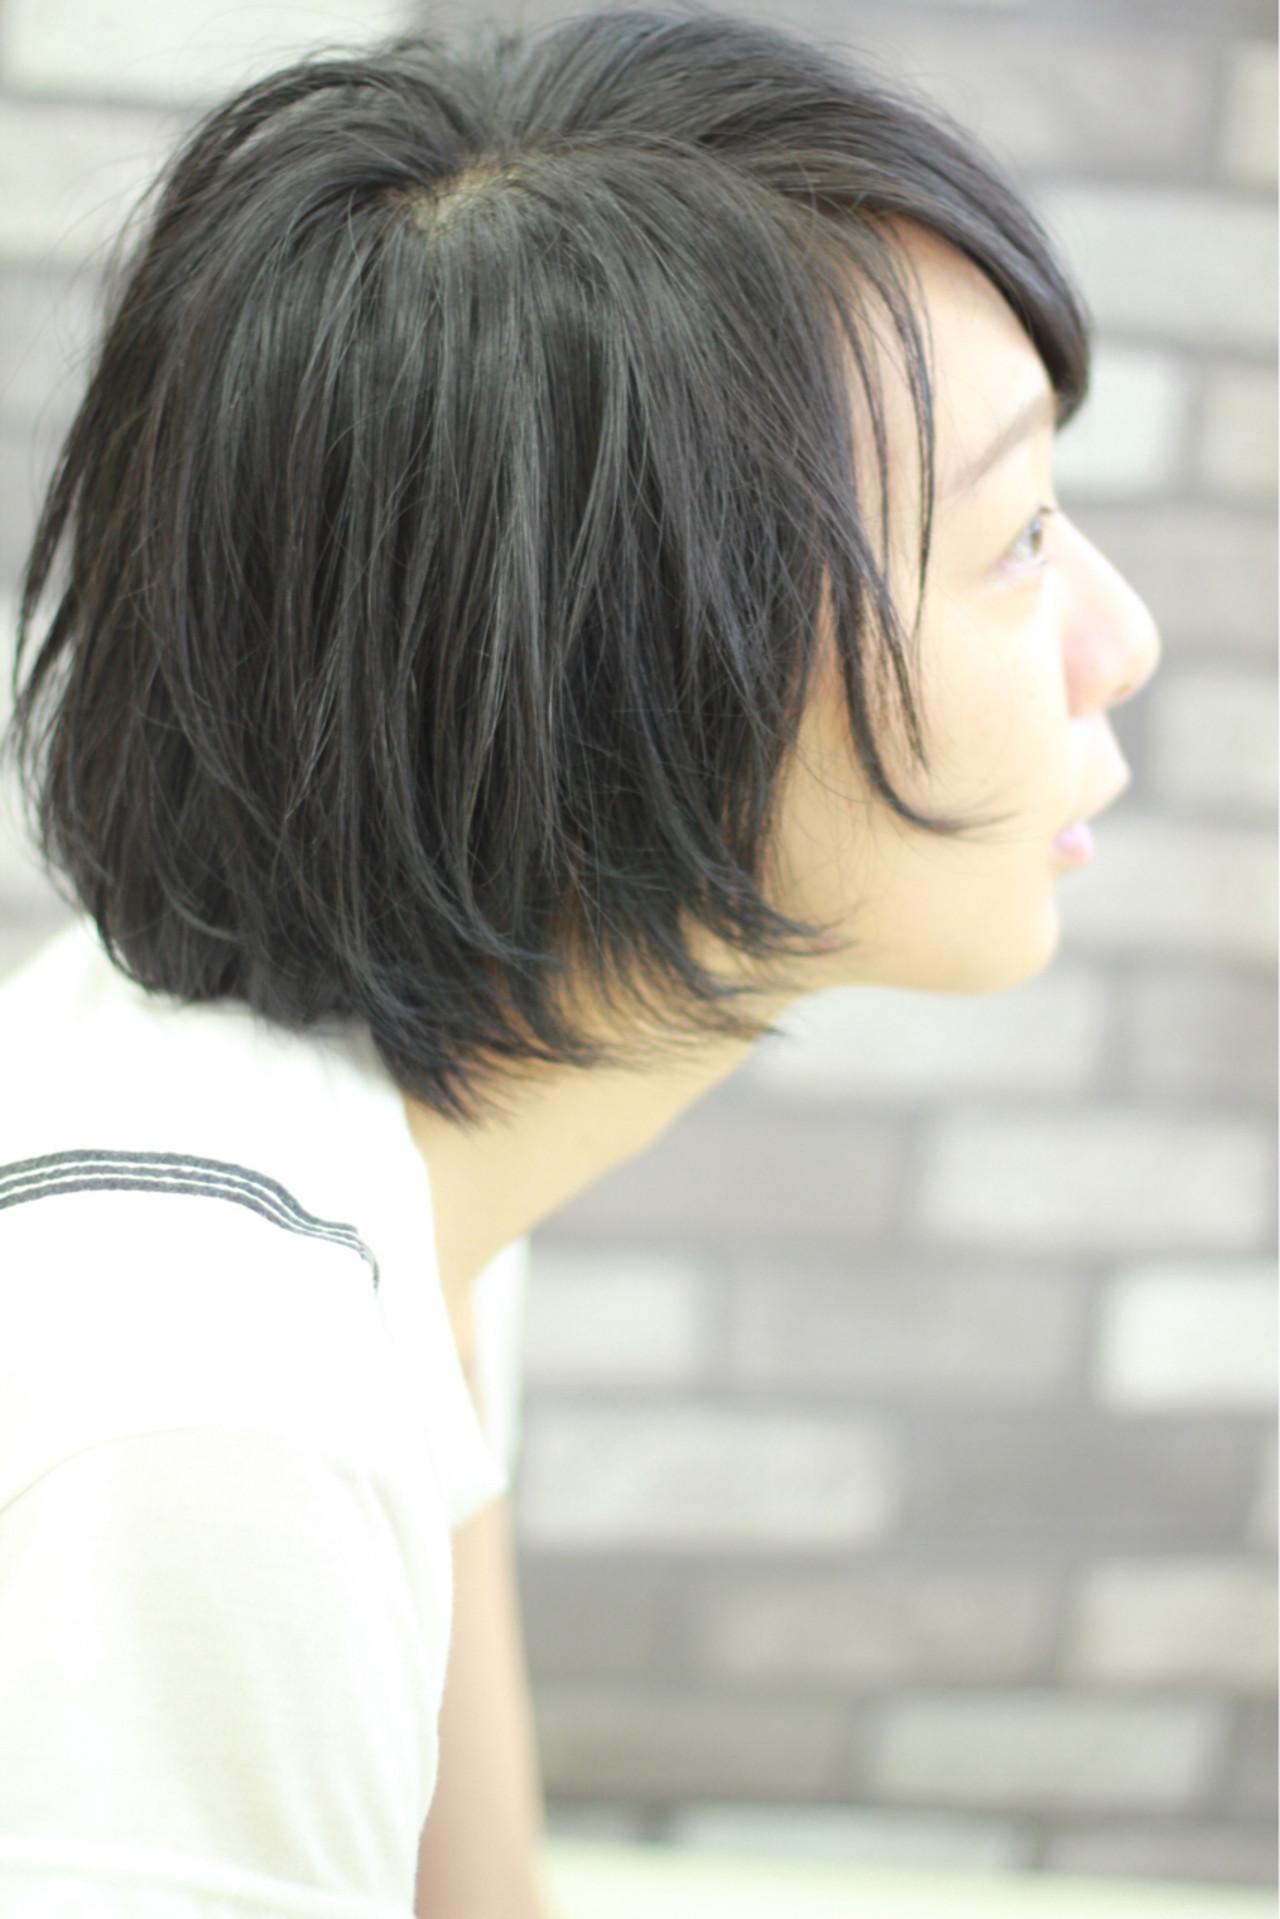 ナチュラル ショートボブ モード 大人女子 ヘアスタイルや髪型の写真・画像 | 大和田 誠 / Anphi 弘明寺